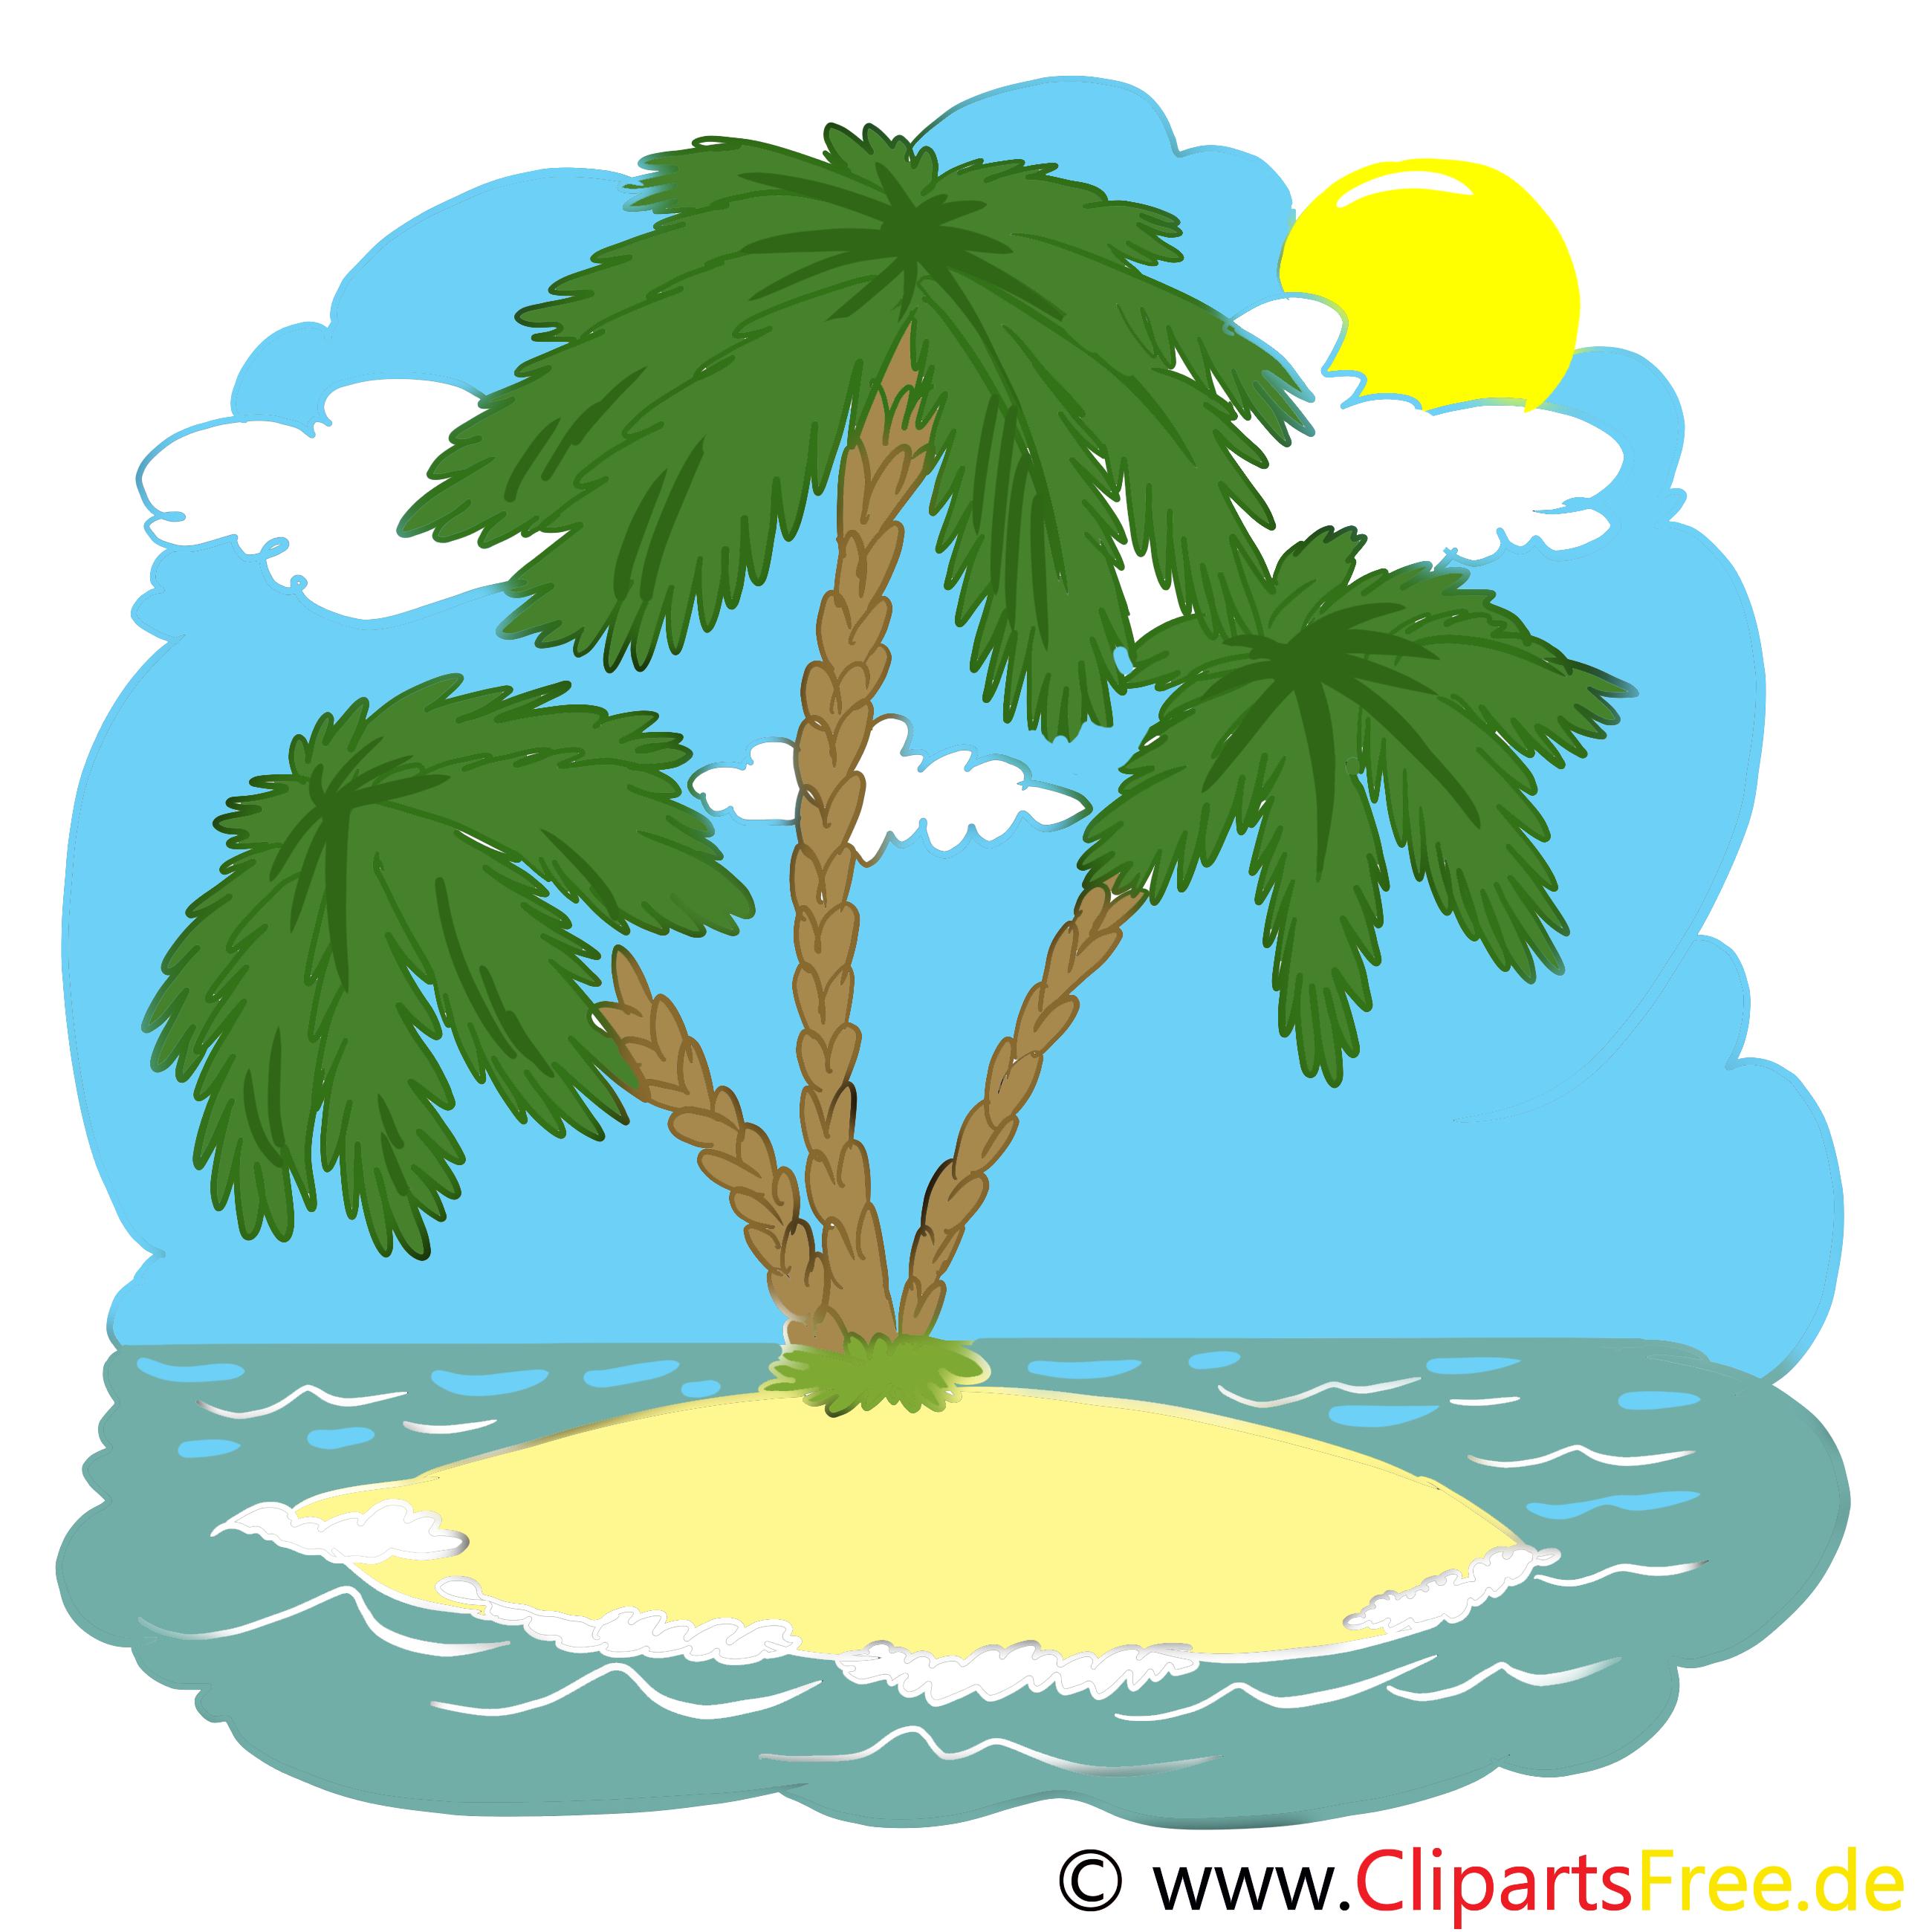 Mer dessin gratuit t l charger palmier image voyage dessin picture image graphic clip - Palmier clipart ...